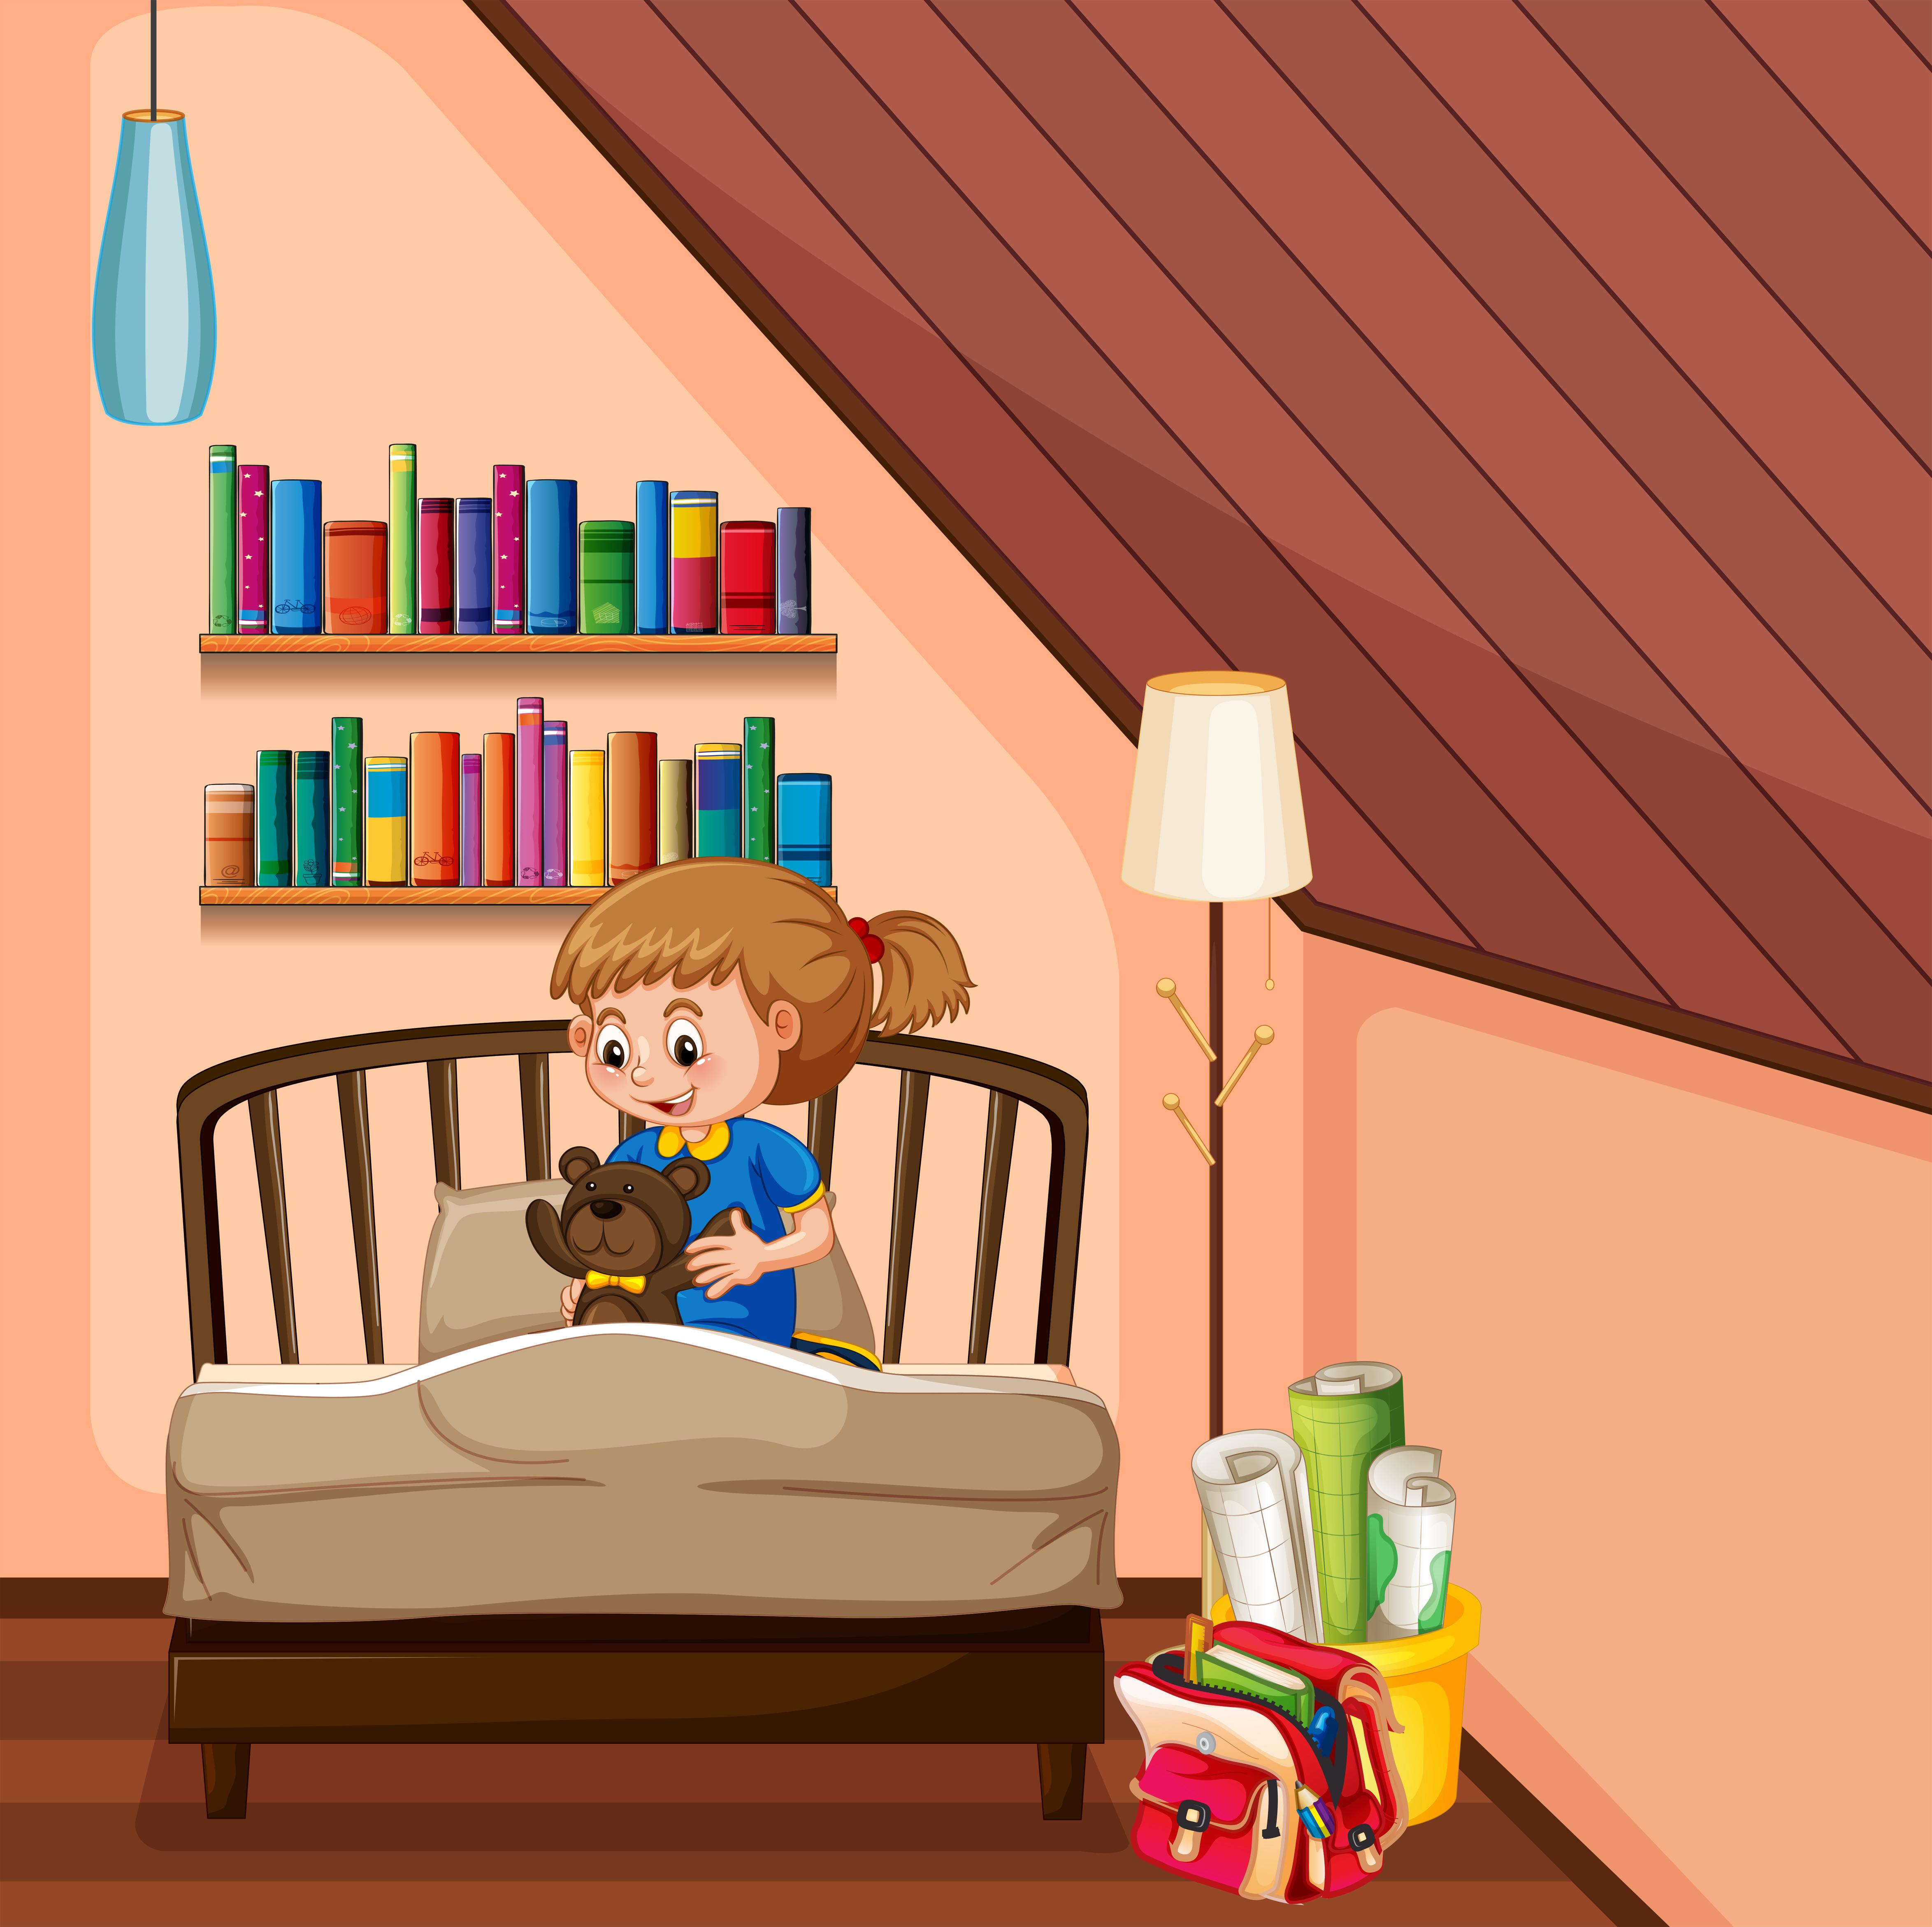 Little Girl Bedroom Art: Little Girl And Teddybear In Bedroom